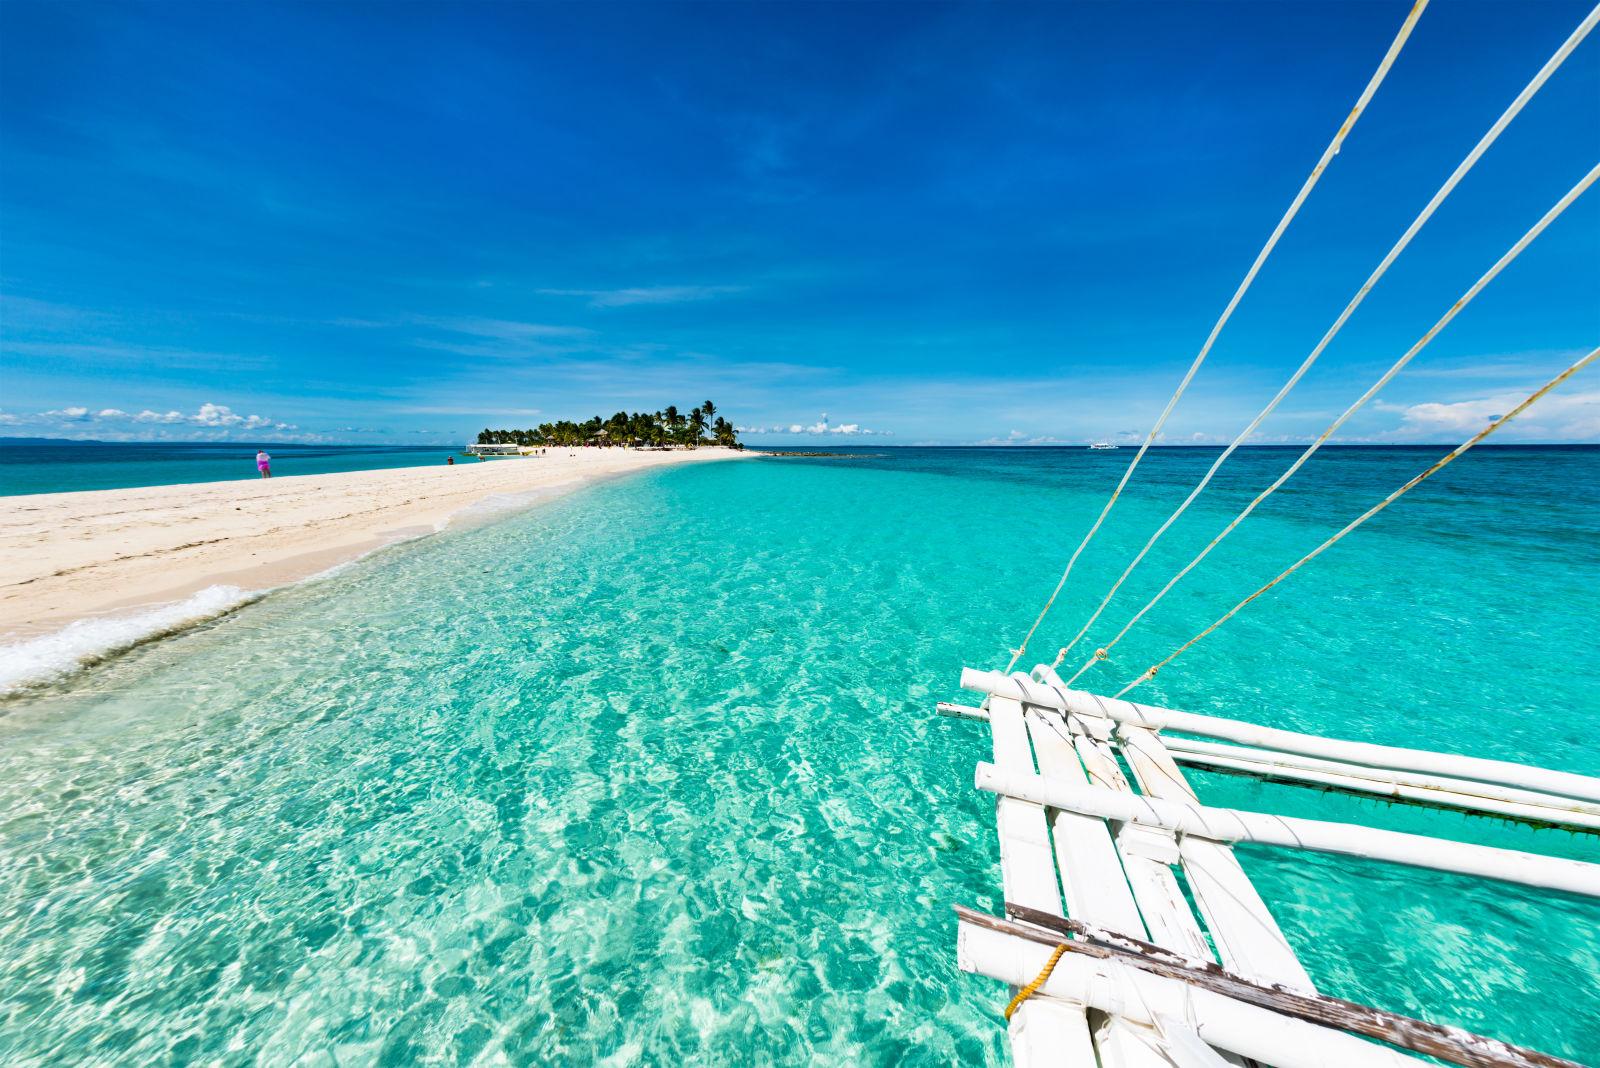 calanggaman, kalanggaman island, Philippines